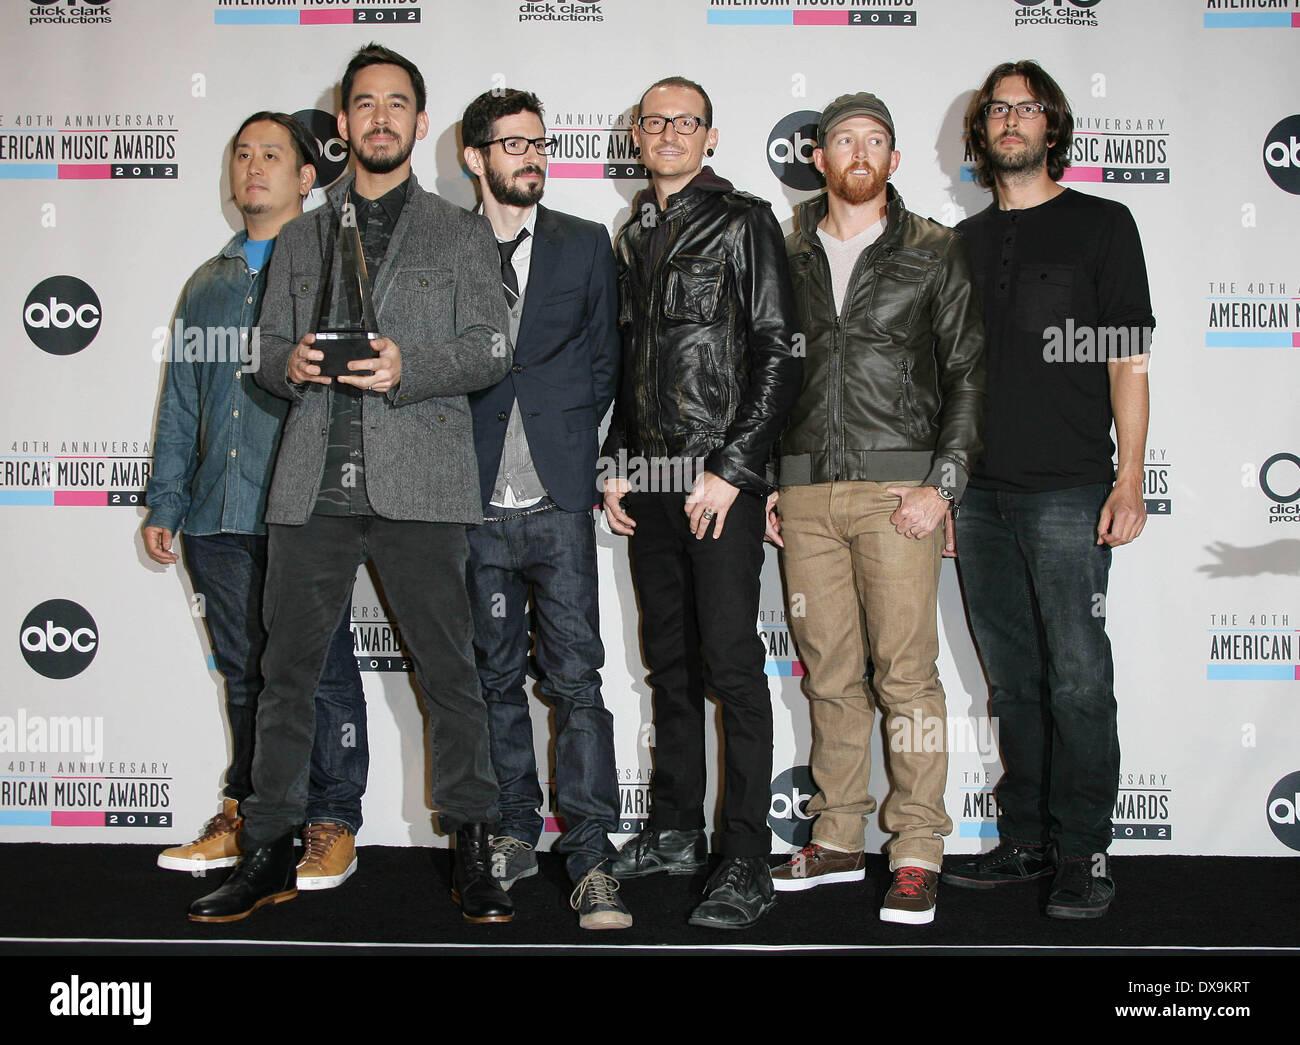 ¿Cuánto mide Chester Bennington? - Altura - Real height Los-musicos-joe-hahn-mike-shinoda-brad-delson-chester-bennington-dave-farrell-y-rob-bourdon-de-linkin-park-el-40-aniversario-american-music-awards-2012-celebrada-en-el-teatro-nokia-la-live-la-sala-de-prensa-de-los-angeles-california-181112-con-musicos-joe-hahn-mike-shinoda-brad-delsonchester-benningtondave-farrelly-rob-bourdon-de-linkin-park-donde-los-angeles-california-estados-unidos-cuando-18-nov-2012-dx9krt